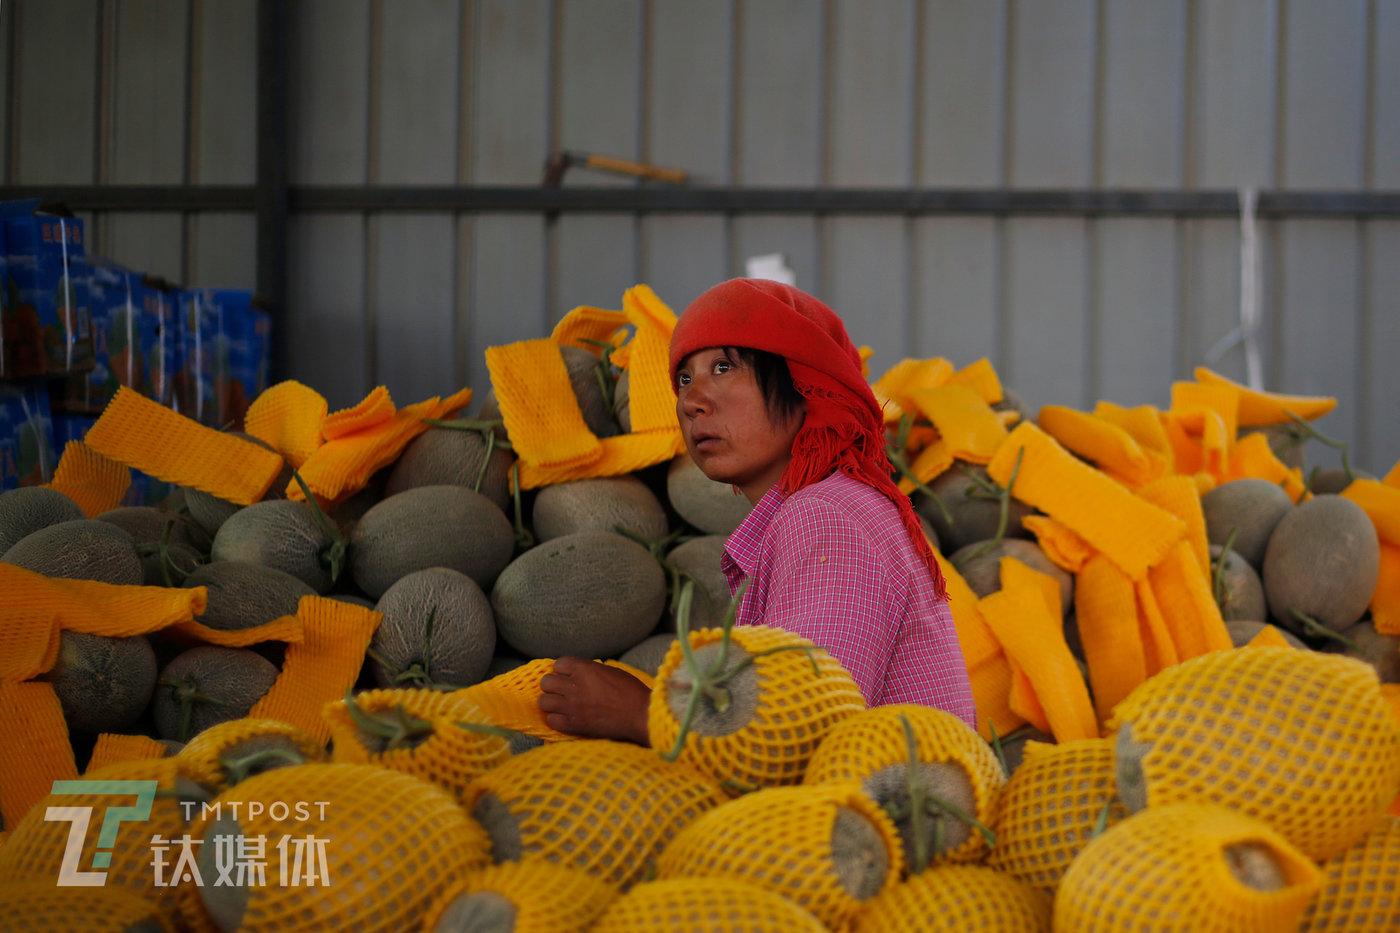 8月18日,收成镇,一位当地妇女在水果商的档口打包。她打包一箱瓜挣1.2元工钱,忙一天下来,大约200元工资。